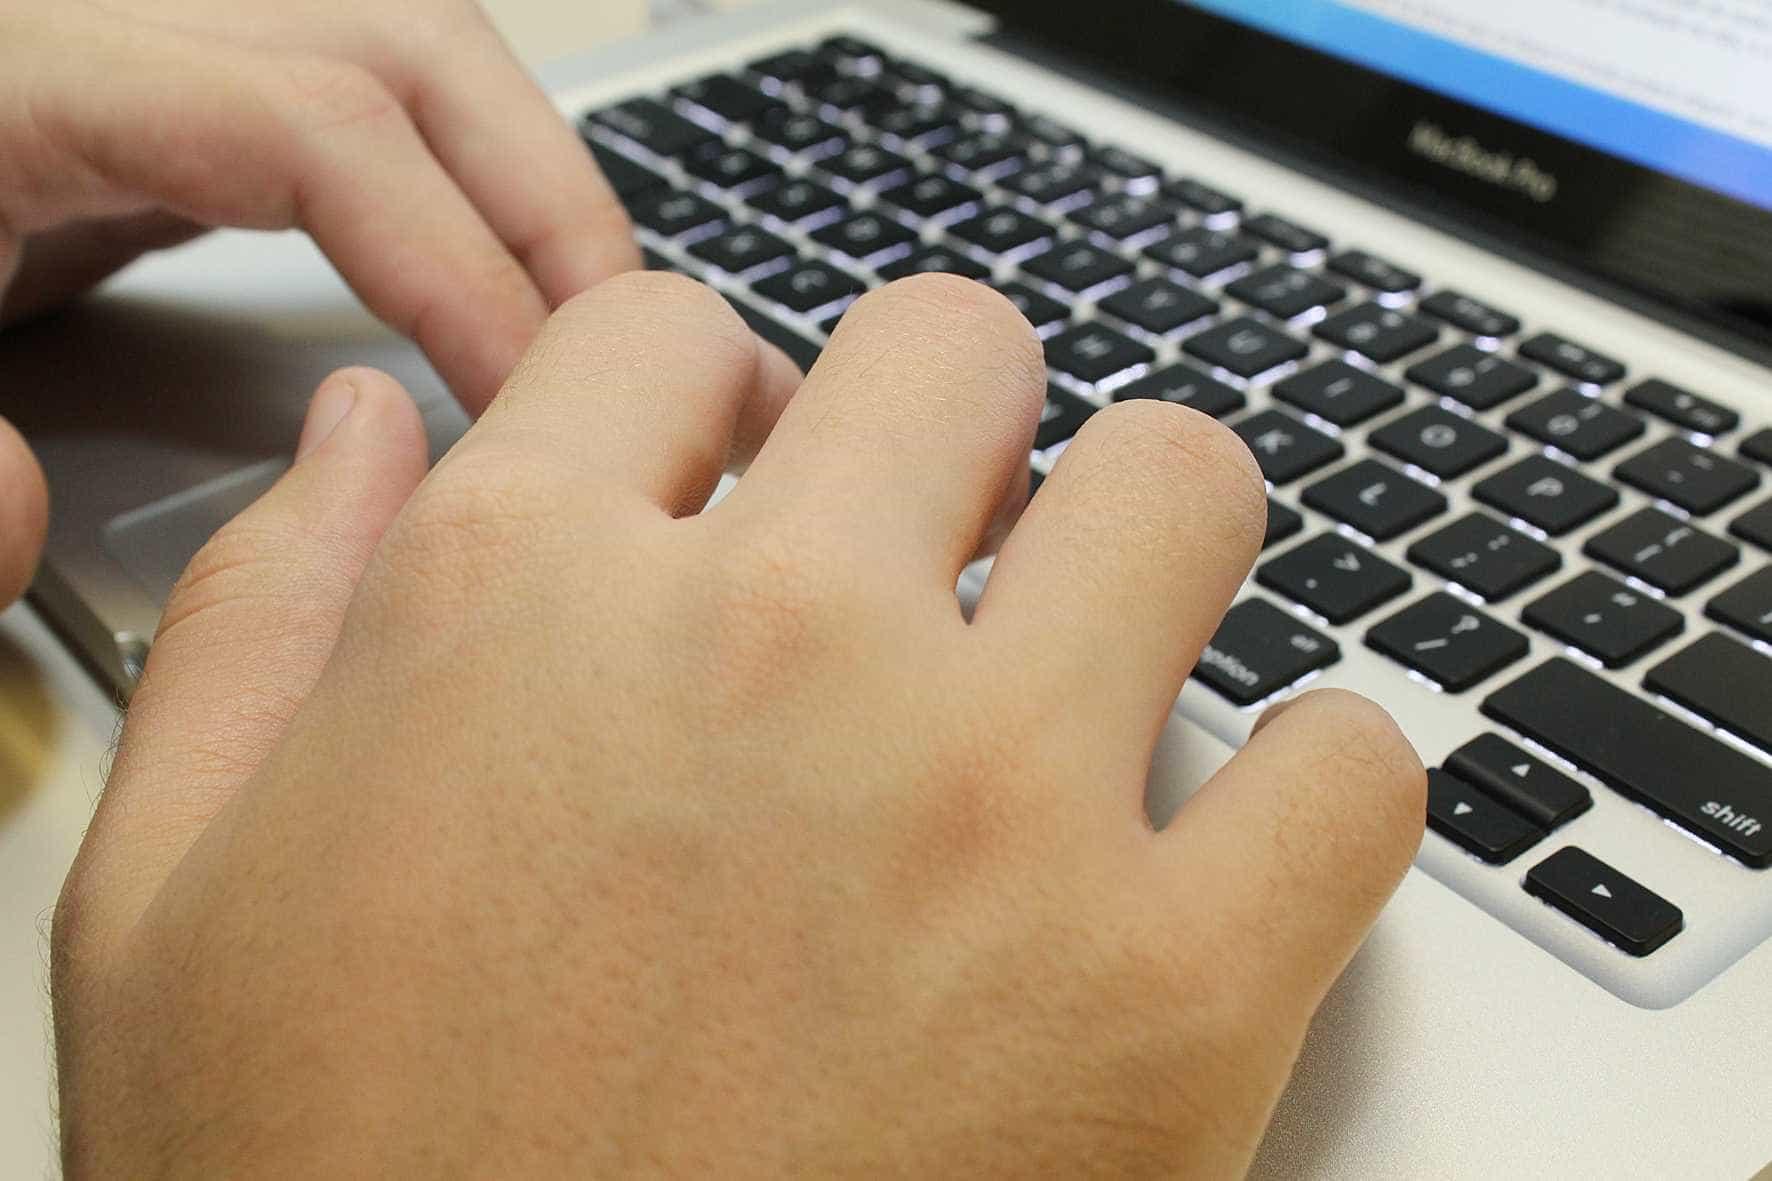 Governo Bolsonaro divulga 'termos de uso de redes sociais'